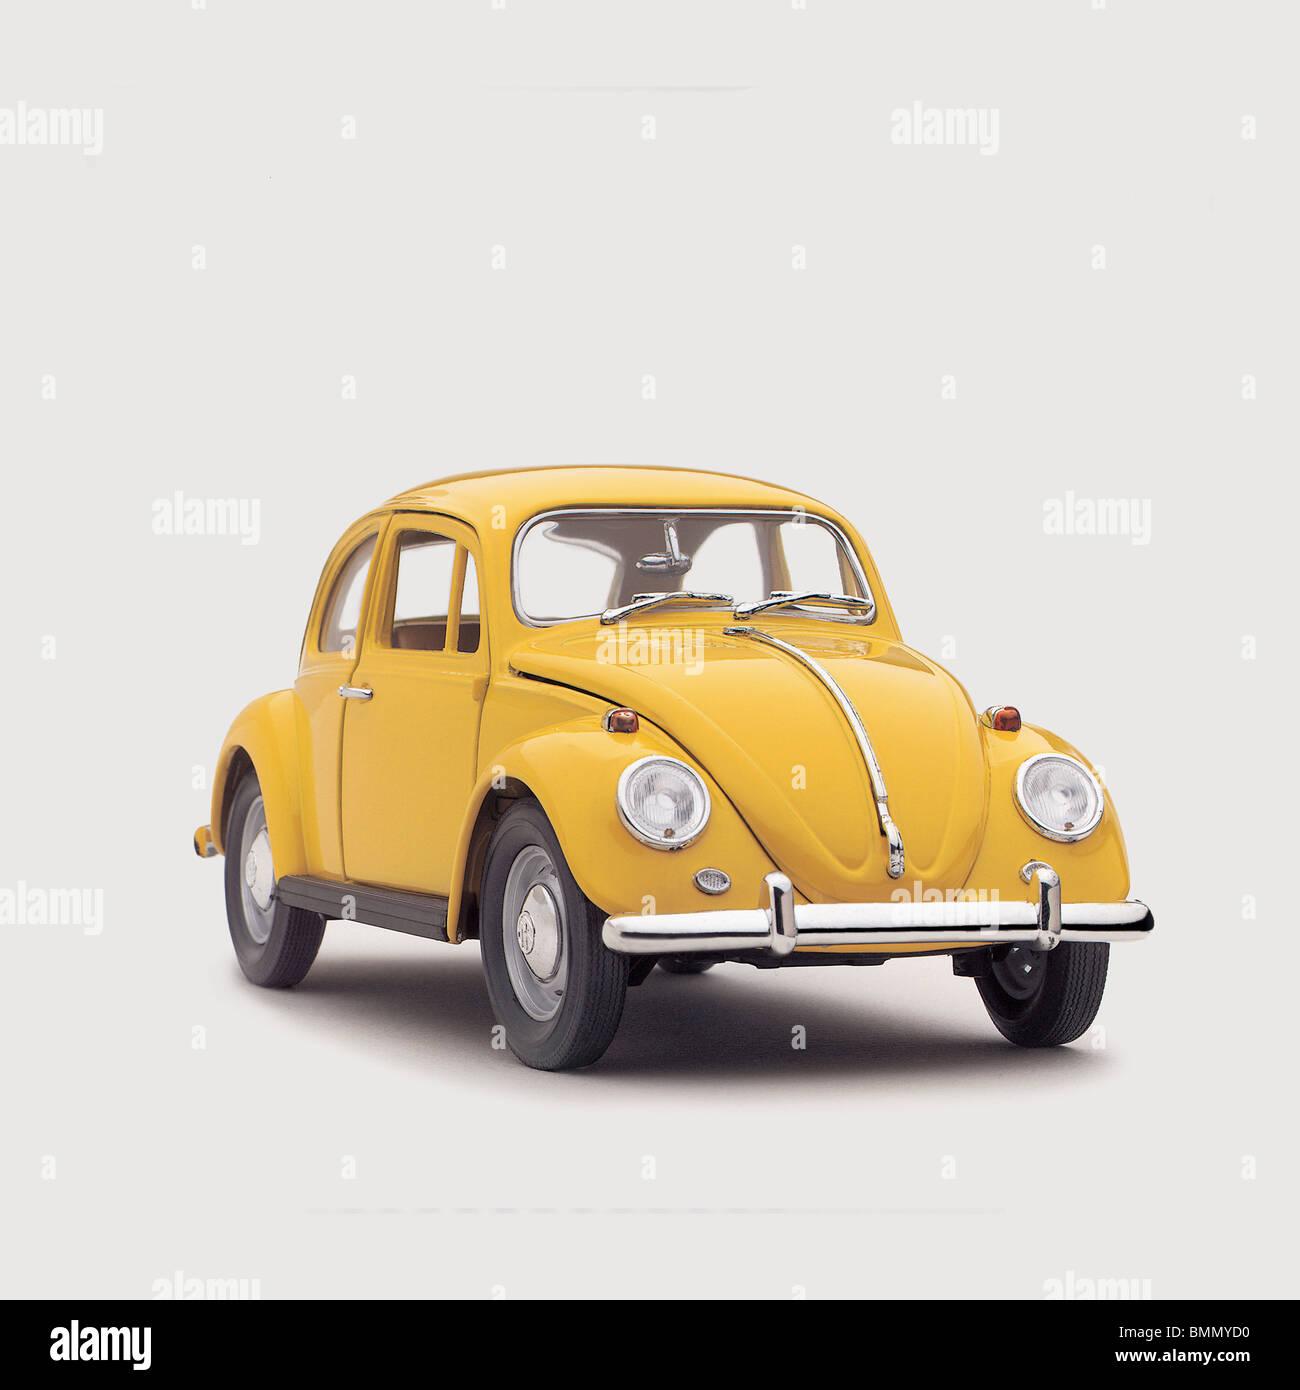 VW Beetle - Stock Image